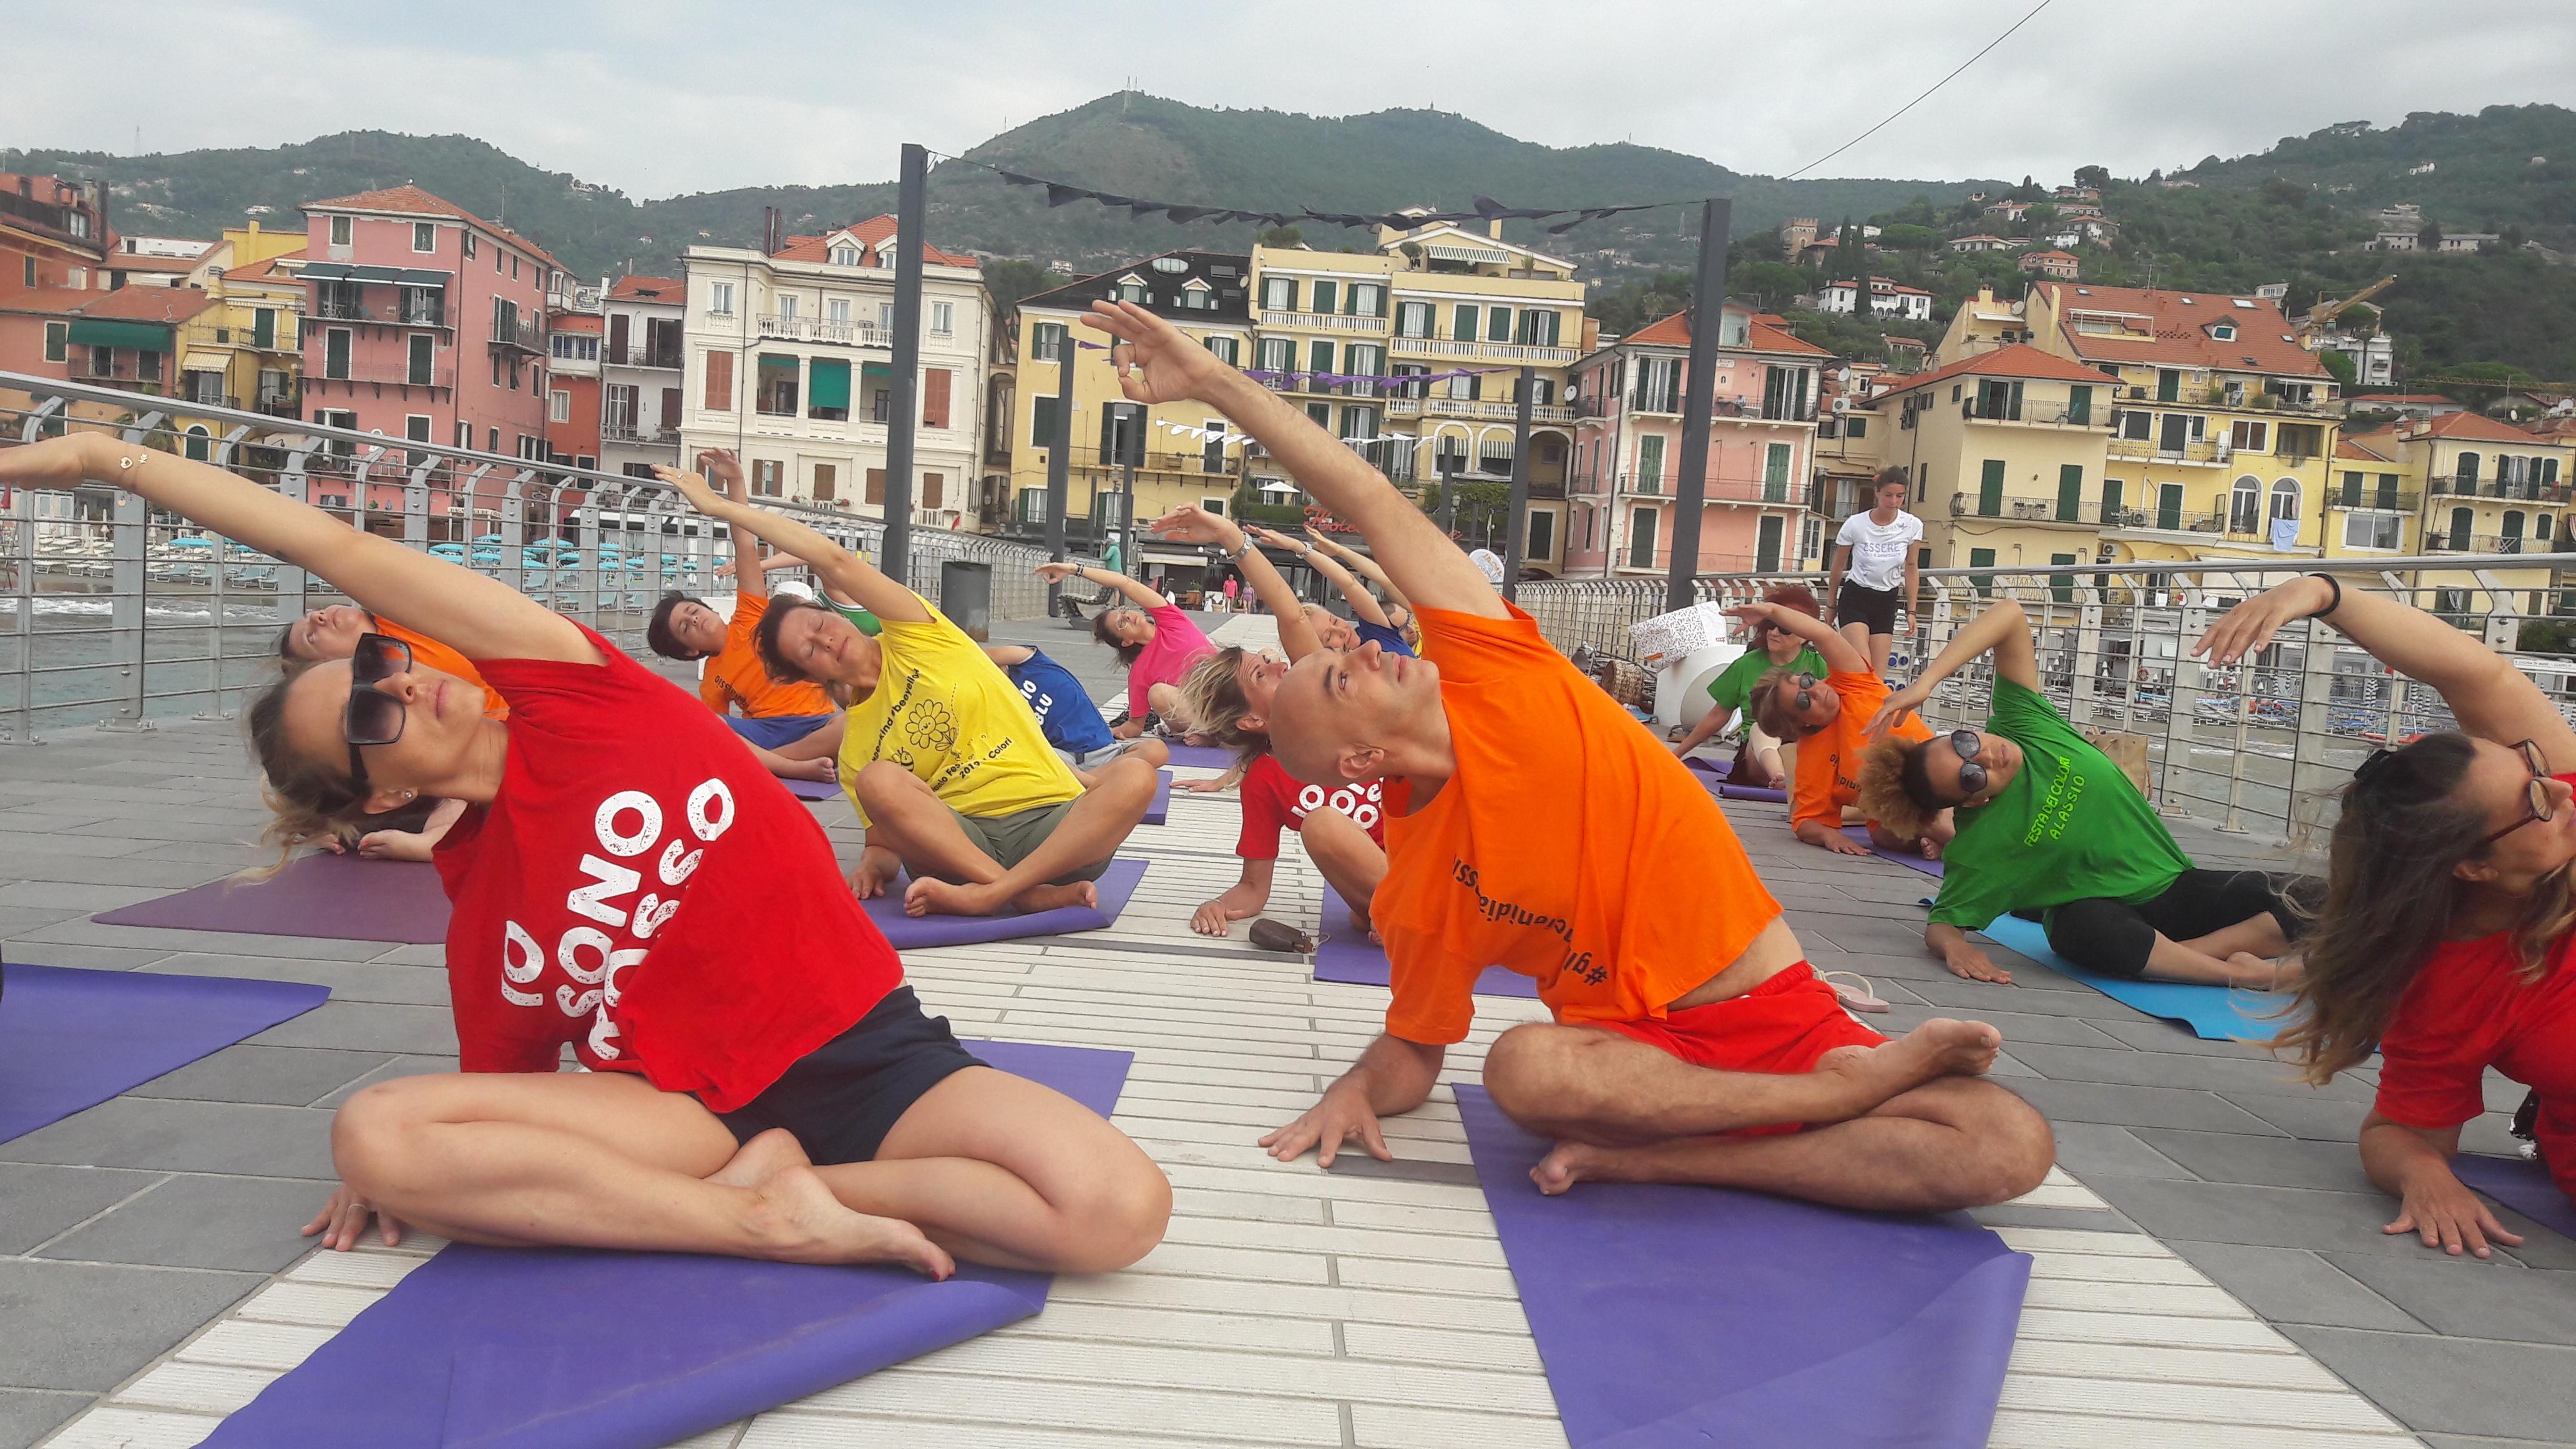 Alassio-united-colors-of-yoga-free-gratuito-per-tutti-festa-colori-lucia-ragazzi-essere-benessere-4